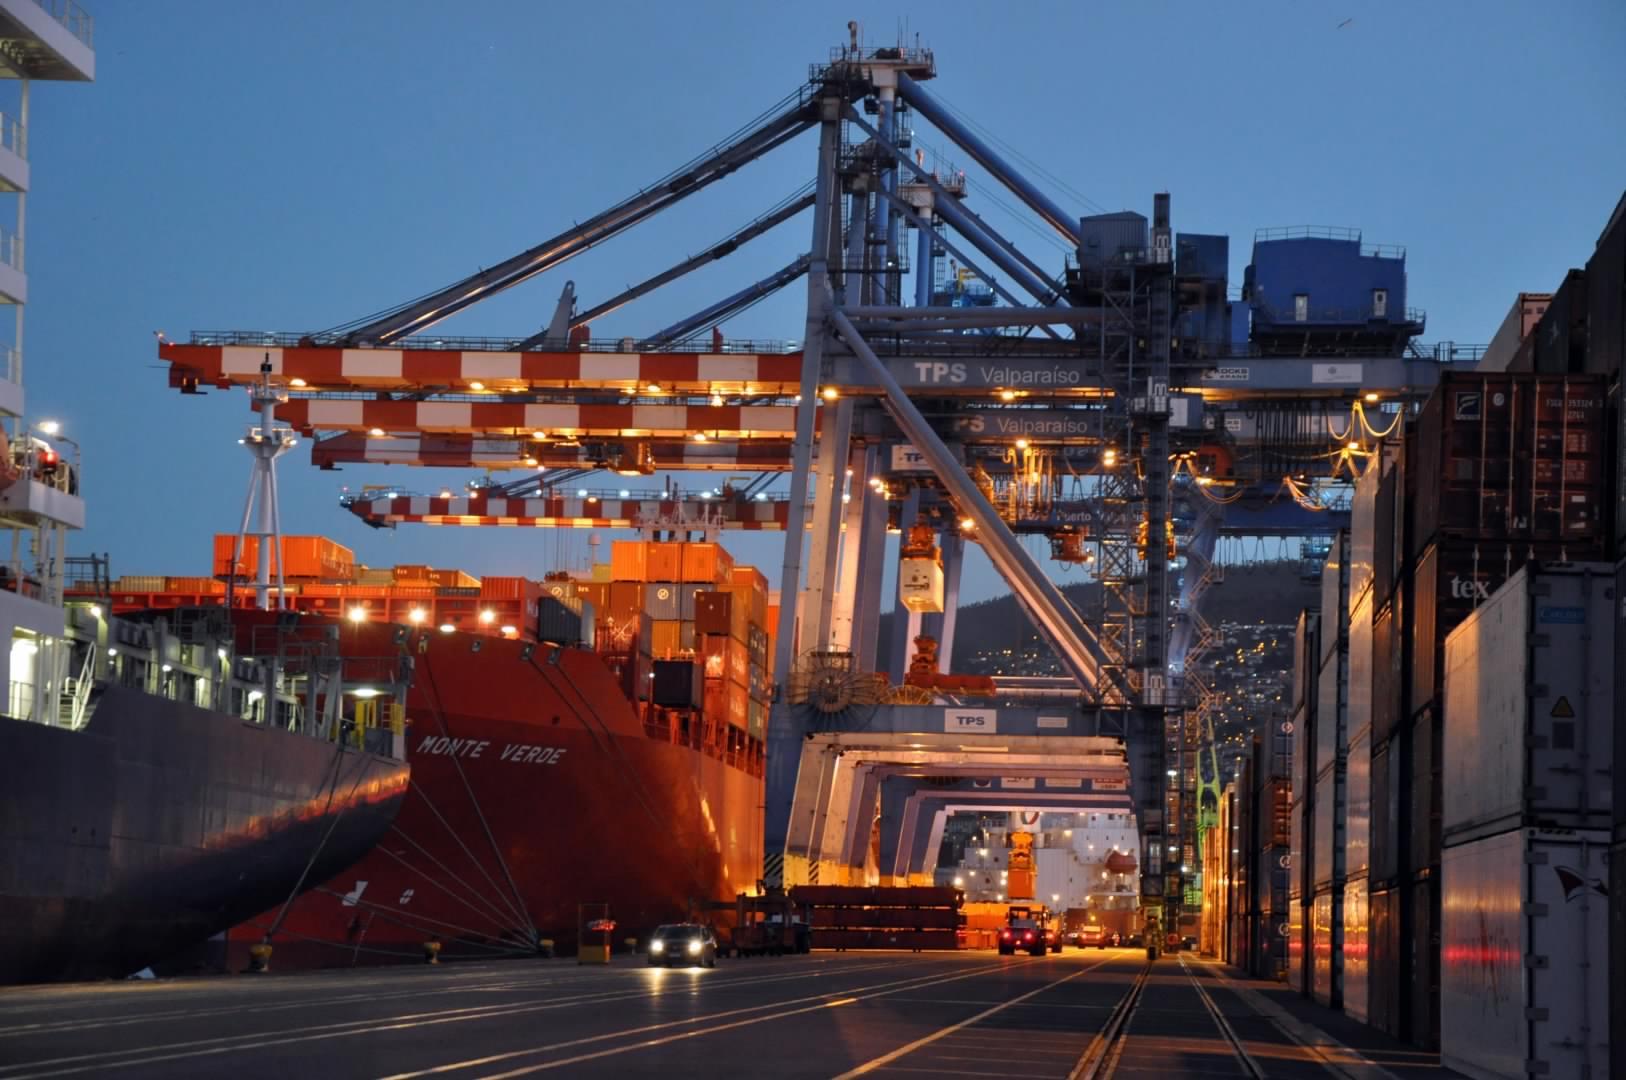 Comercio exterior de Chile alcanzó los US$ 130.761 millones en 2020 y exportaciones recuperan los niveles pre-pandemia